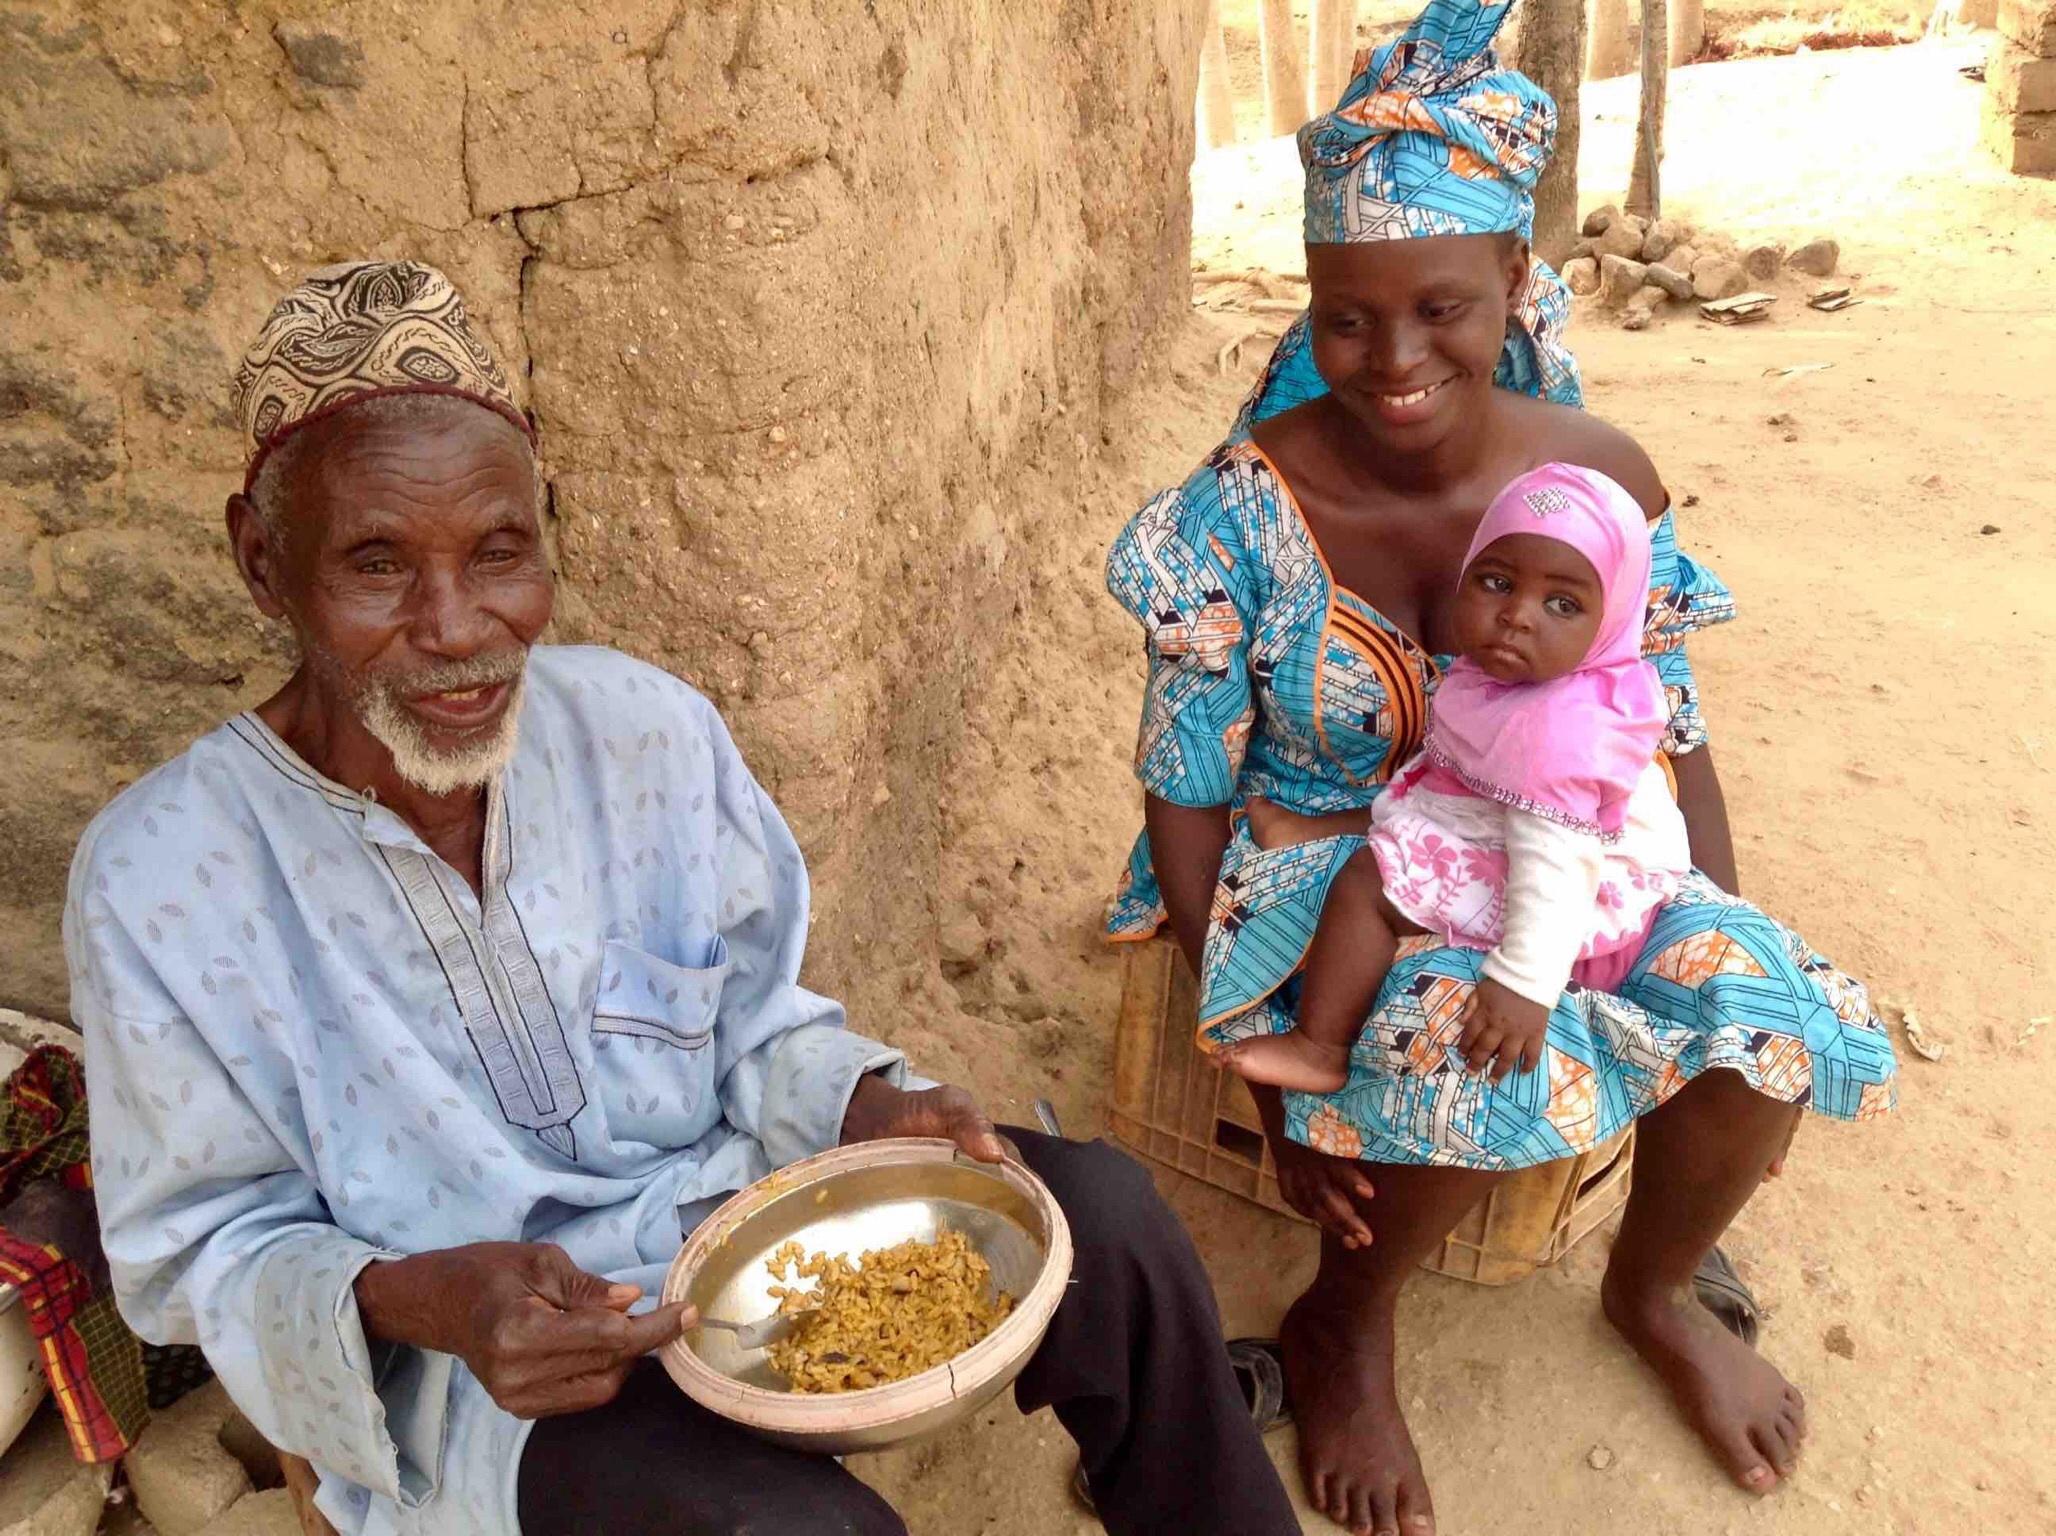 Fulani family, Langa Langa Village, Nasarawa State, Nigeria. #JujuFilms